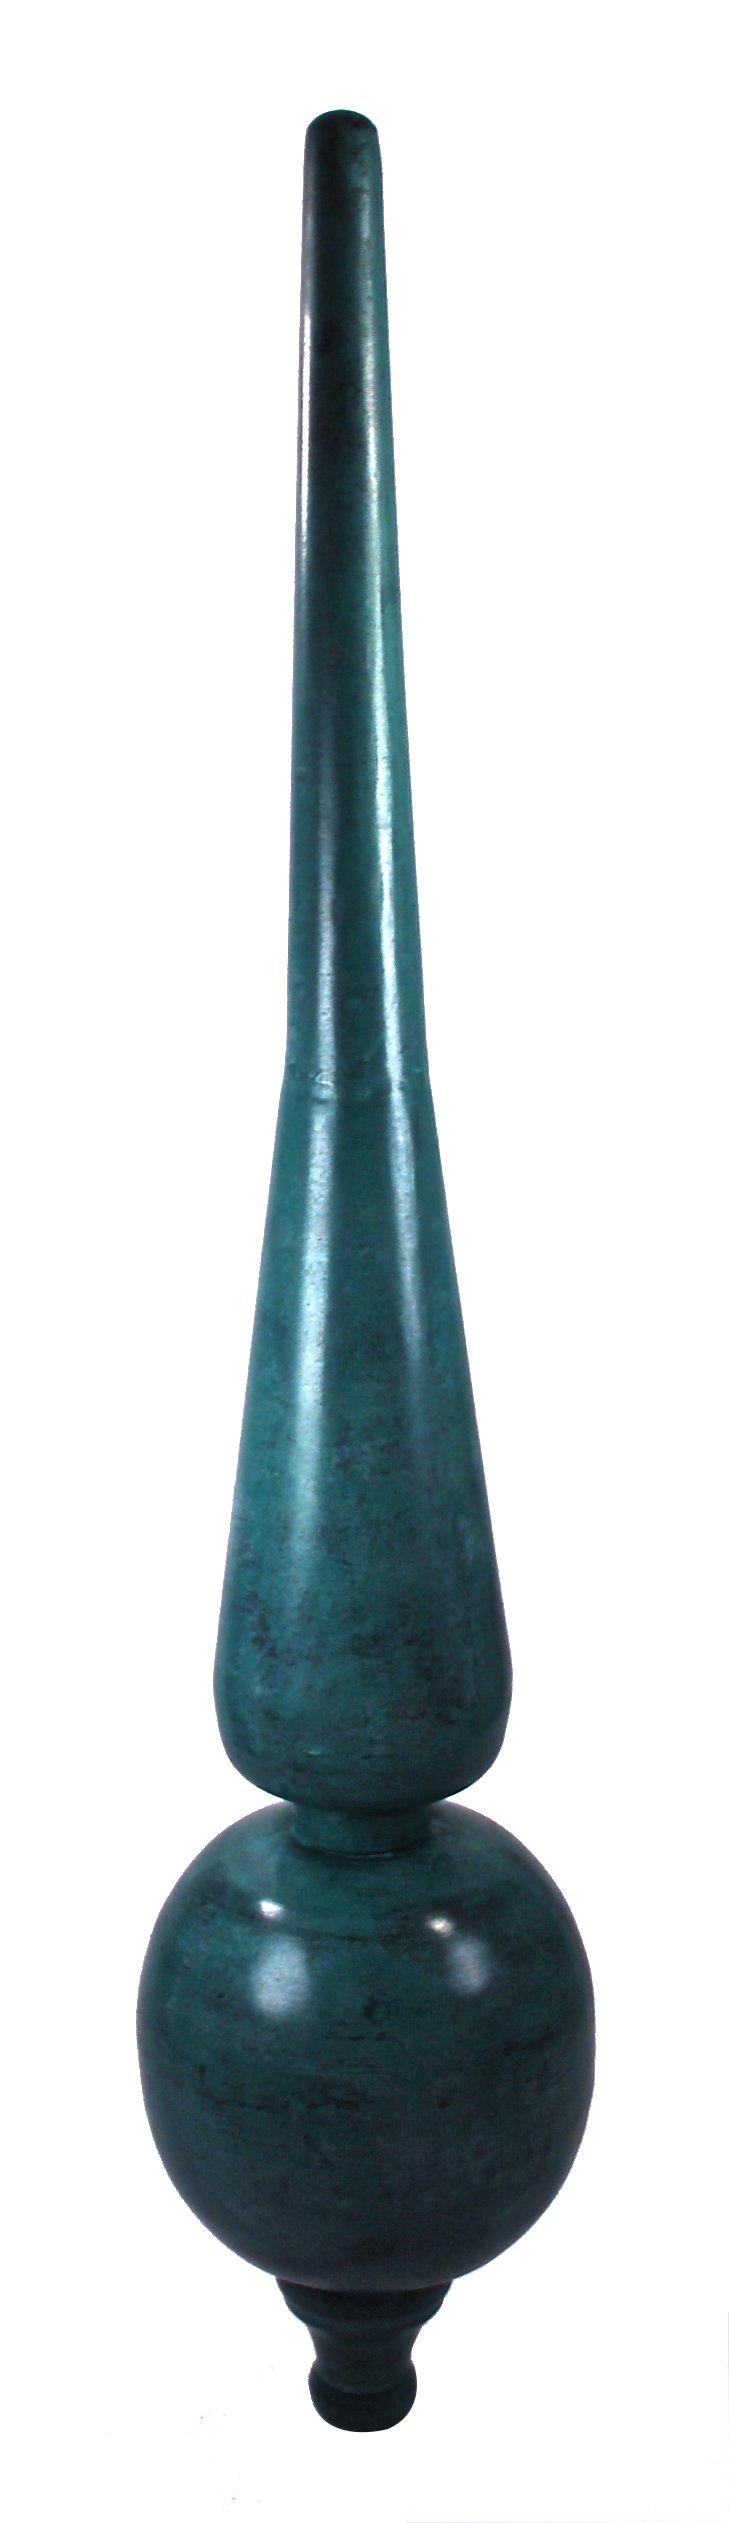 Dalvento Medium Roman Finial- Verdigris by Dalvento